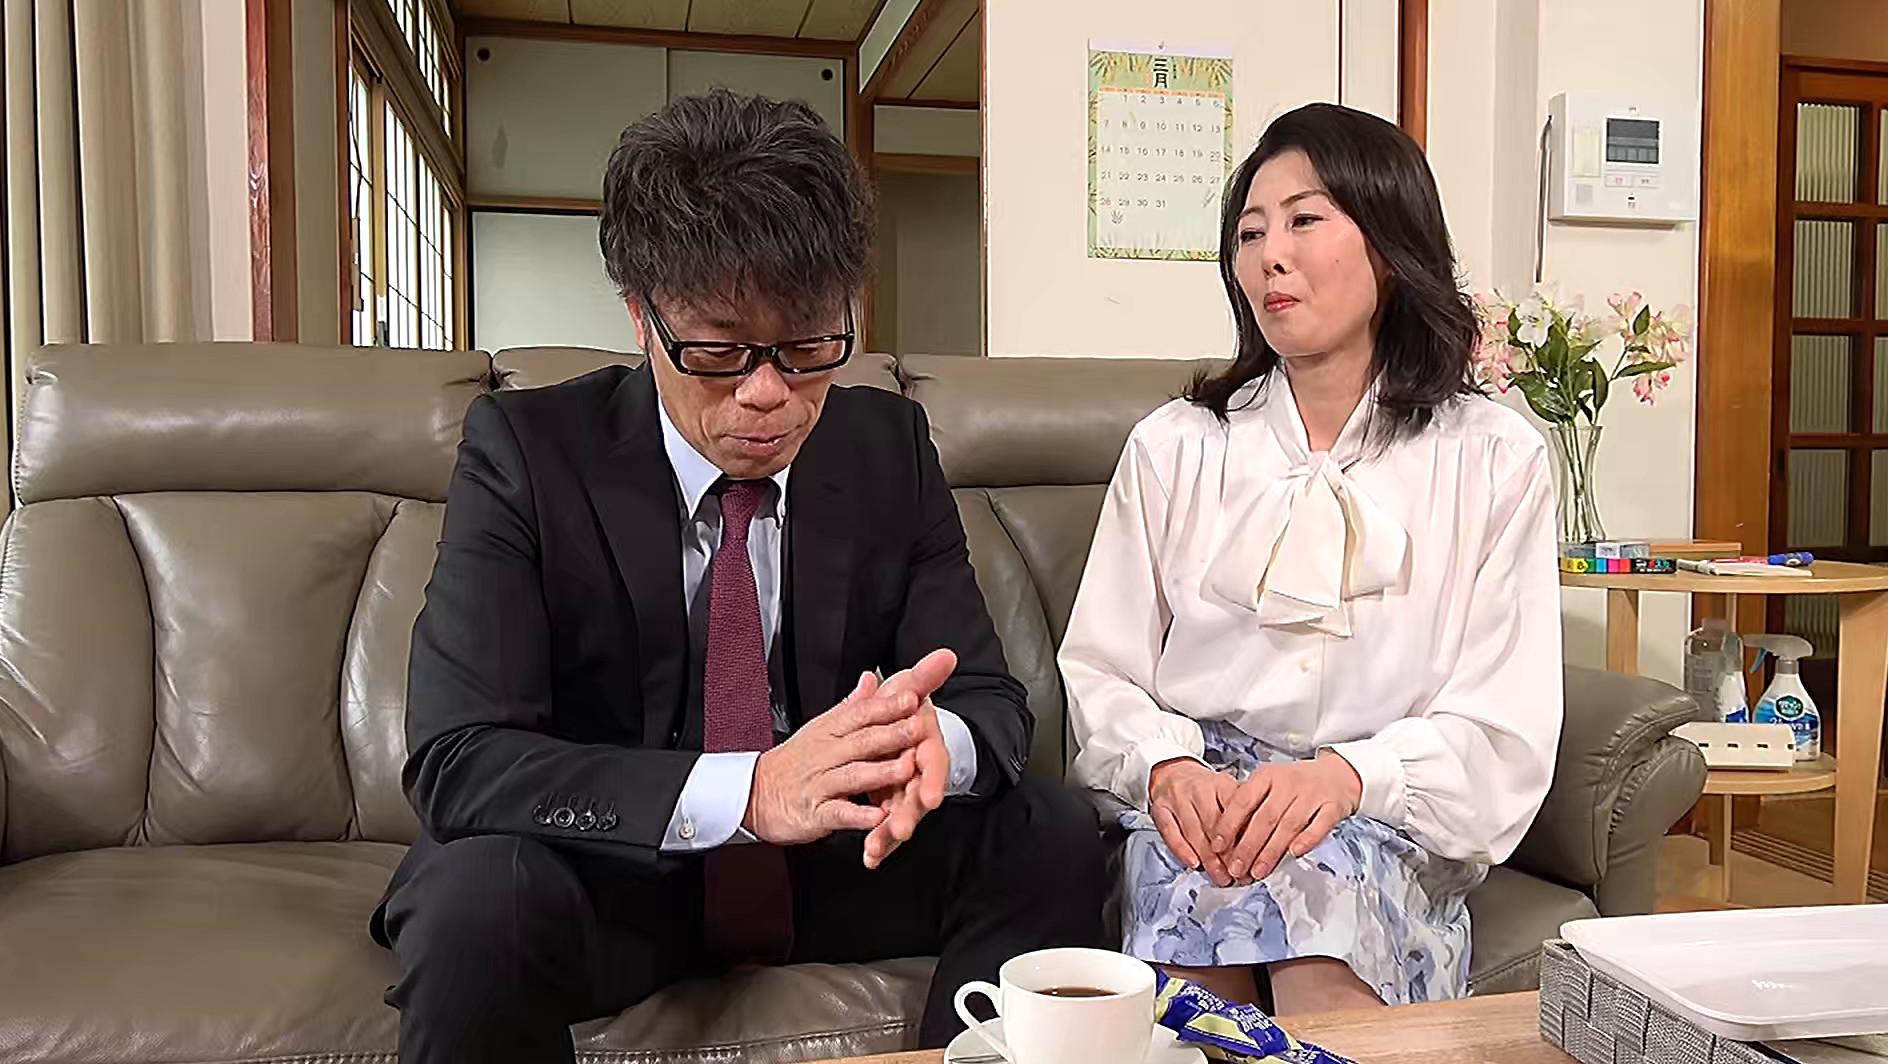 熟妻 夫の誘いは拒絶するのに夫の上司には股を開く五十路妻 息子のイジメ問題で生活指導の先生は母親を脅し中出し! 画像2